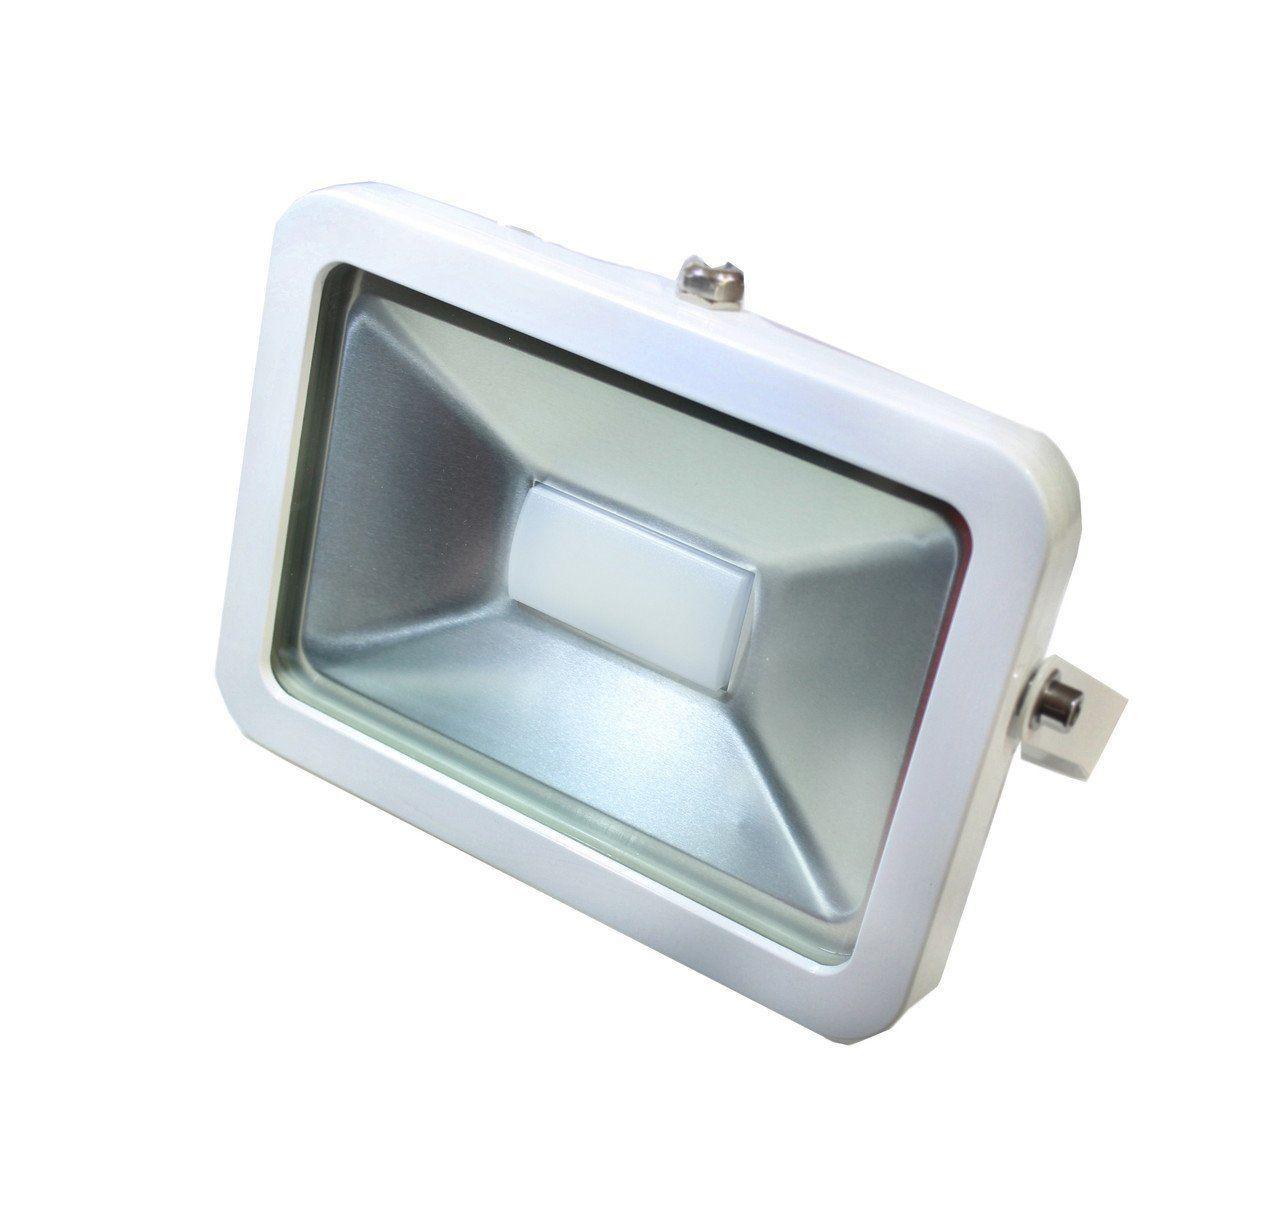 Светодиодный прожектор UkrLed I-PAD Premium 30 Вт, Холодный Белый (6500K) (522)